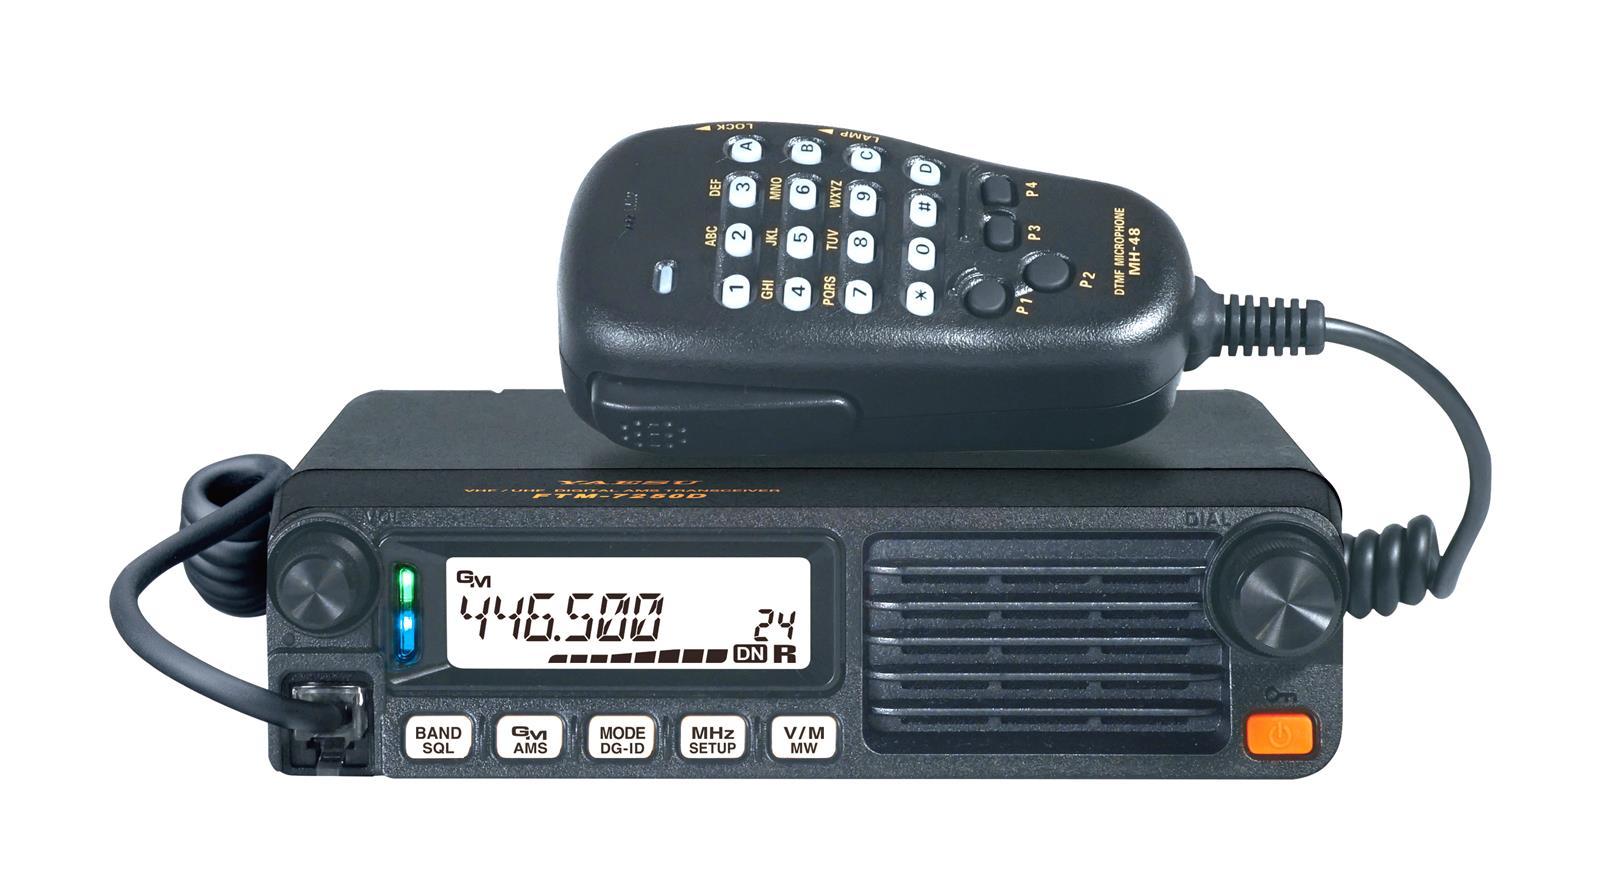 Yaesu FTM-7250DR 50W C4FM/FM 144/430 MHz Dual-Band Digital Mobile  Transceivers FTM-7250DR